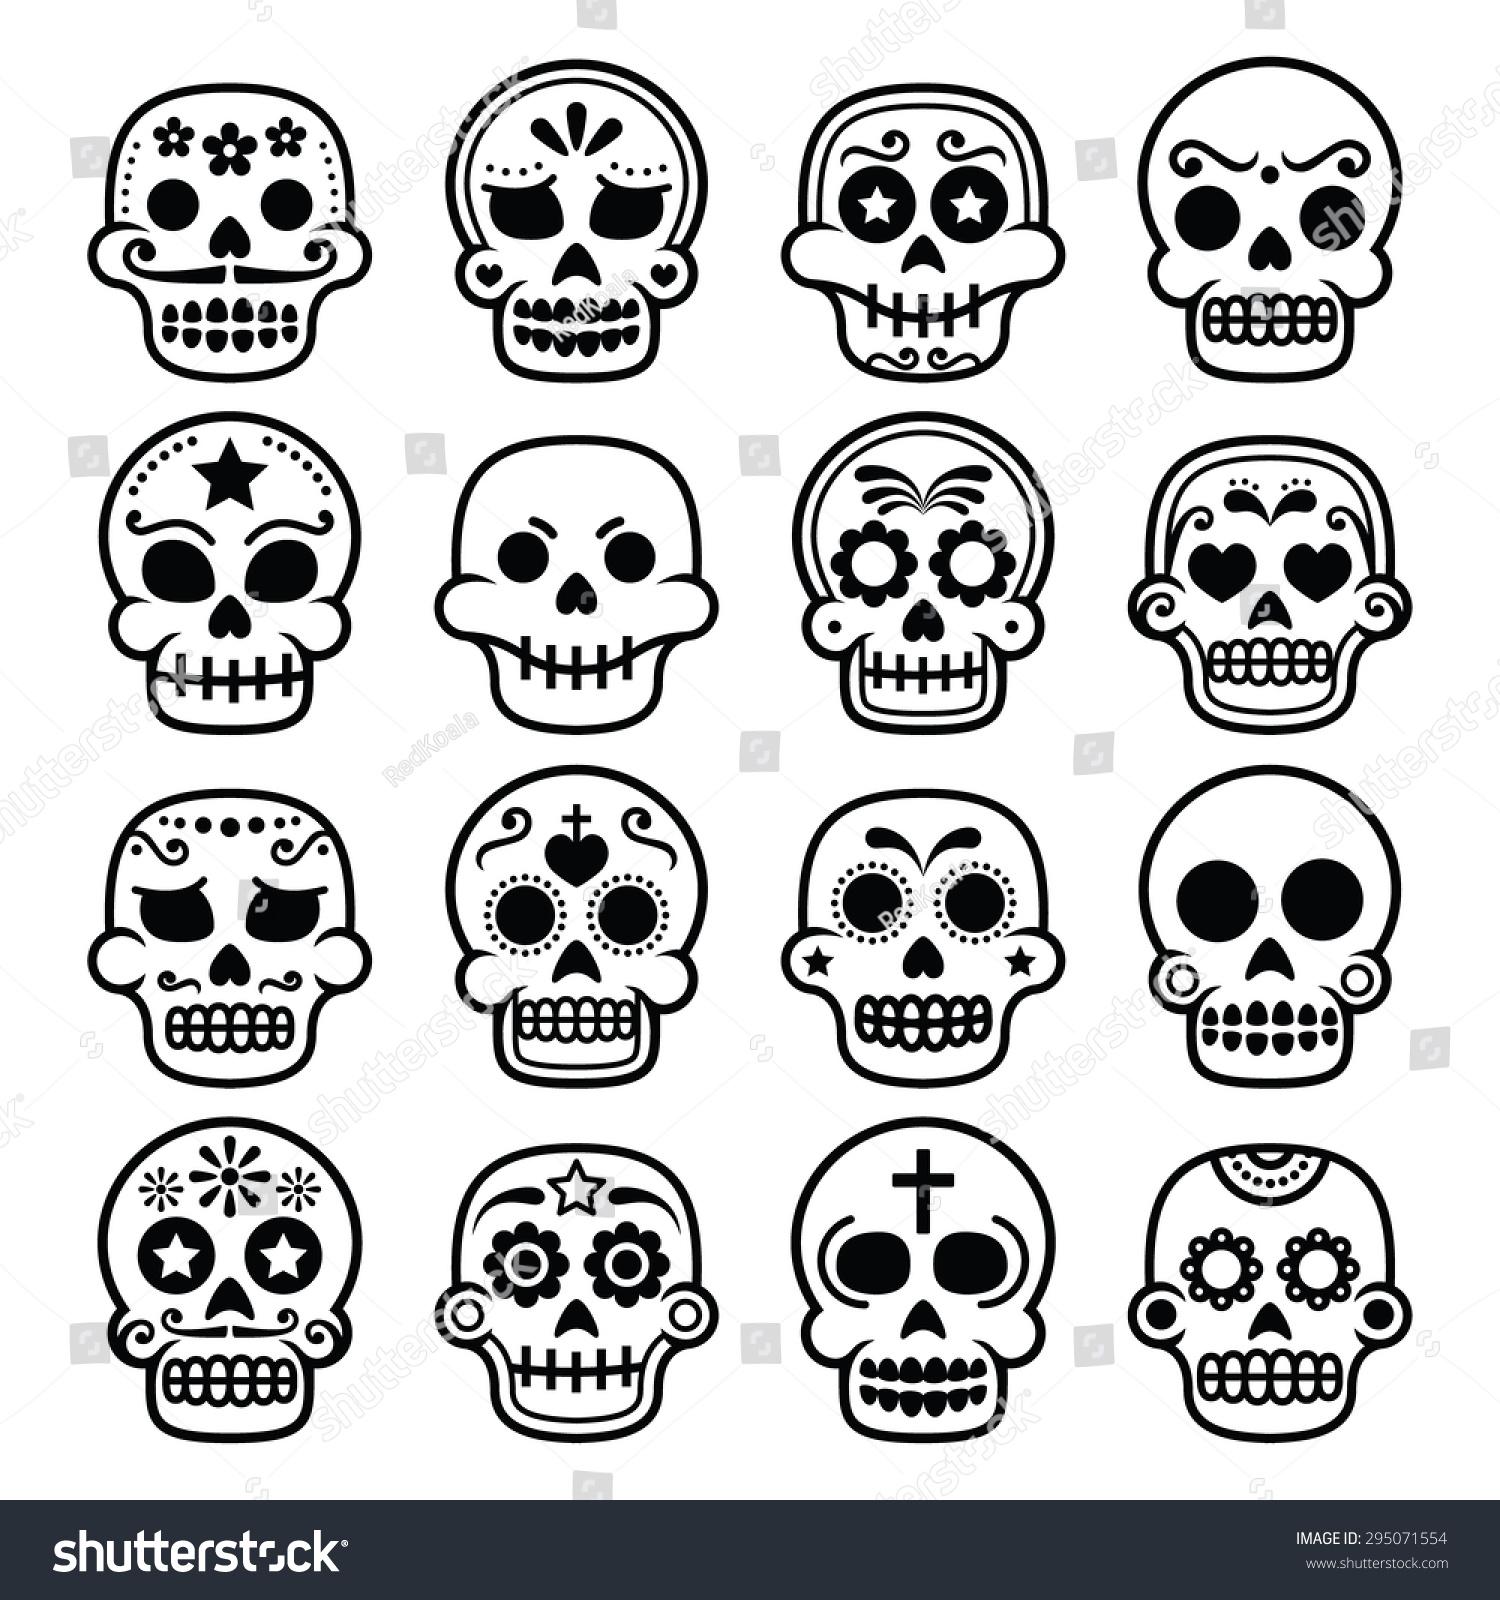 halloween mexican sugar skull dia de los muertos cartoon icons - Halloween Dia